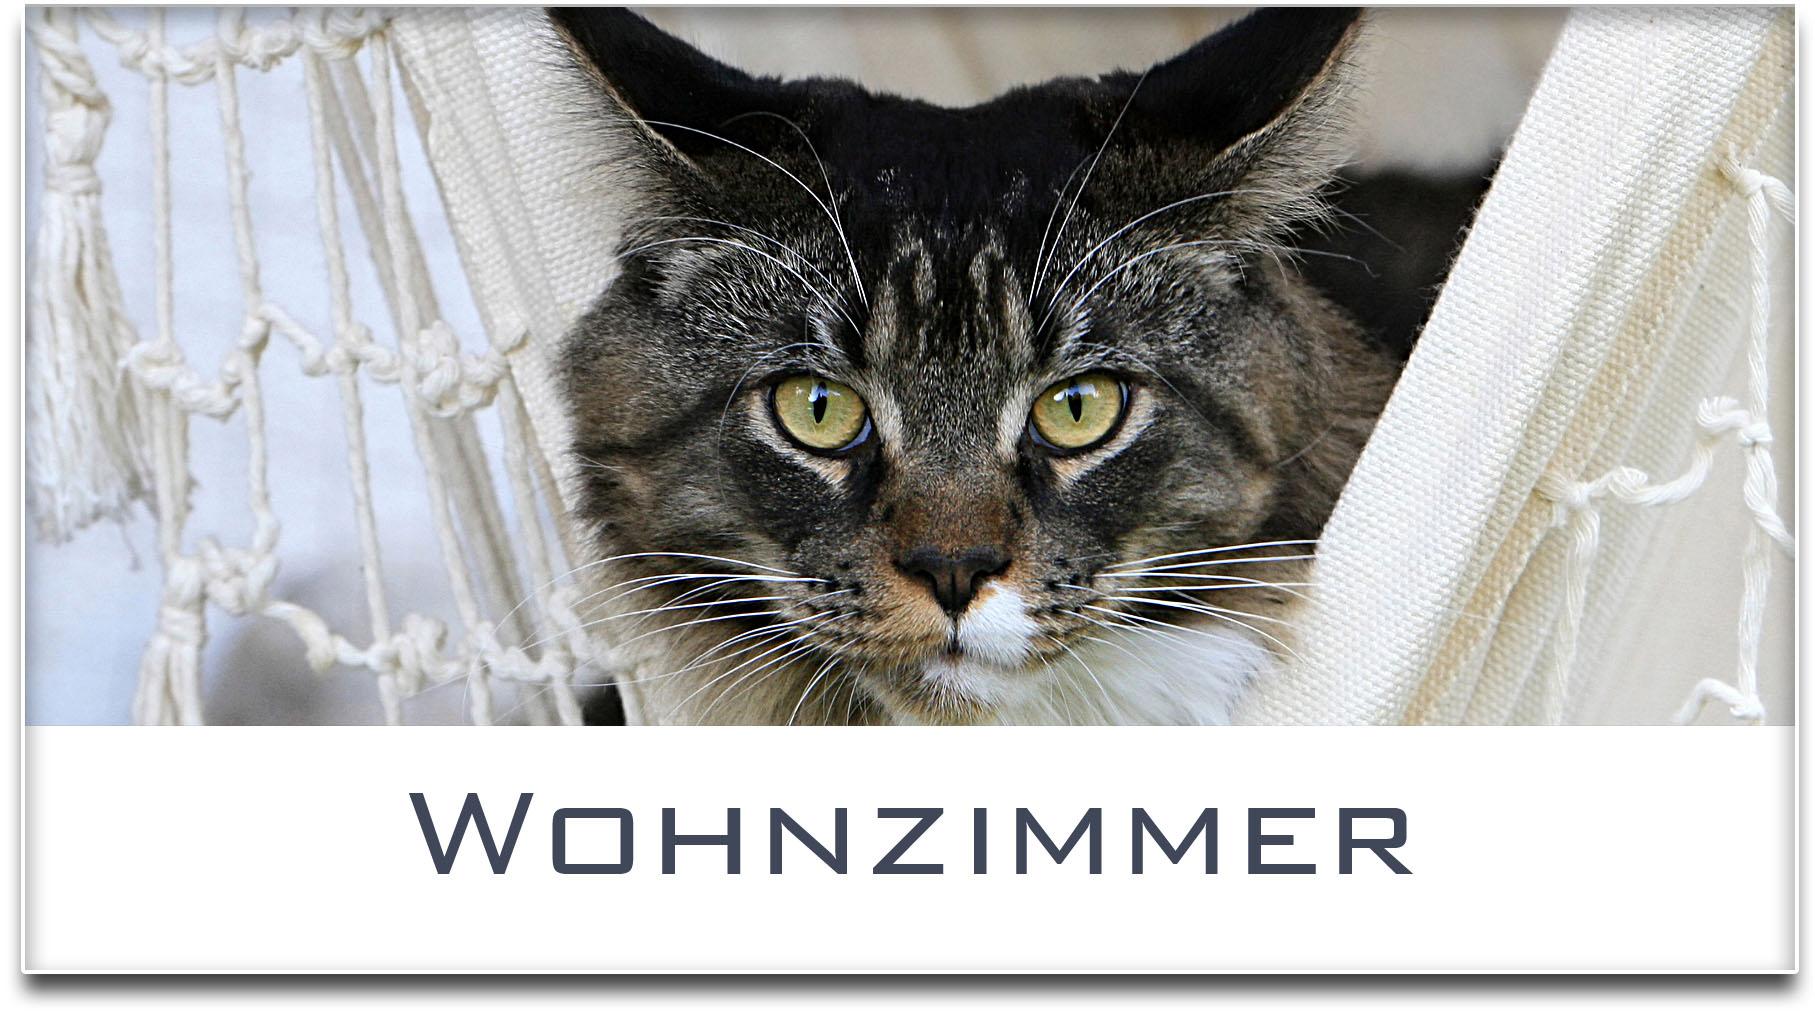 Türschild / Haustürschild / Katze / Wohnzimmer / Selbstklebend